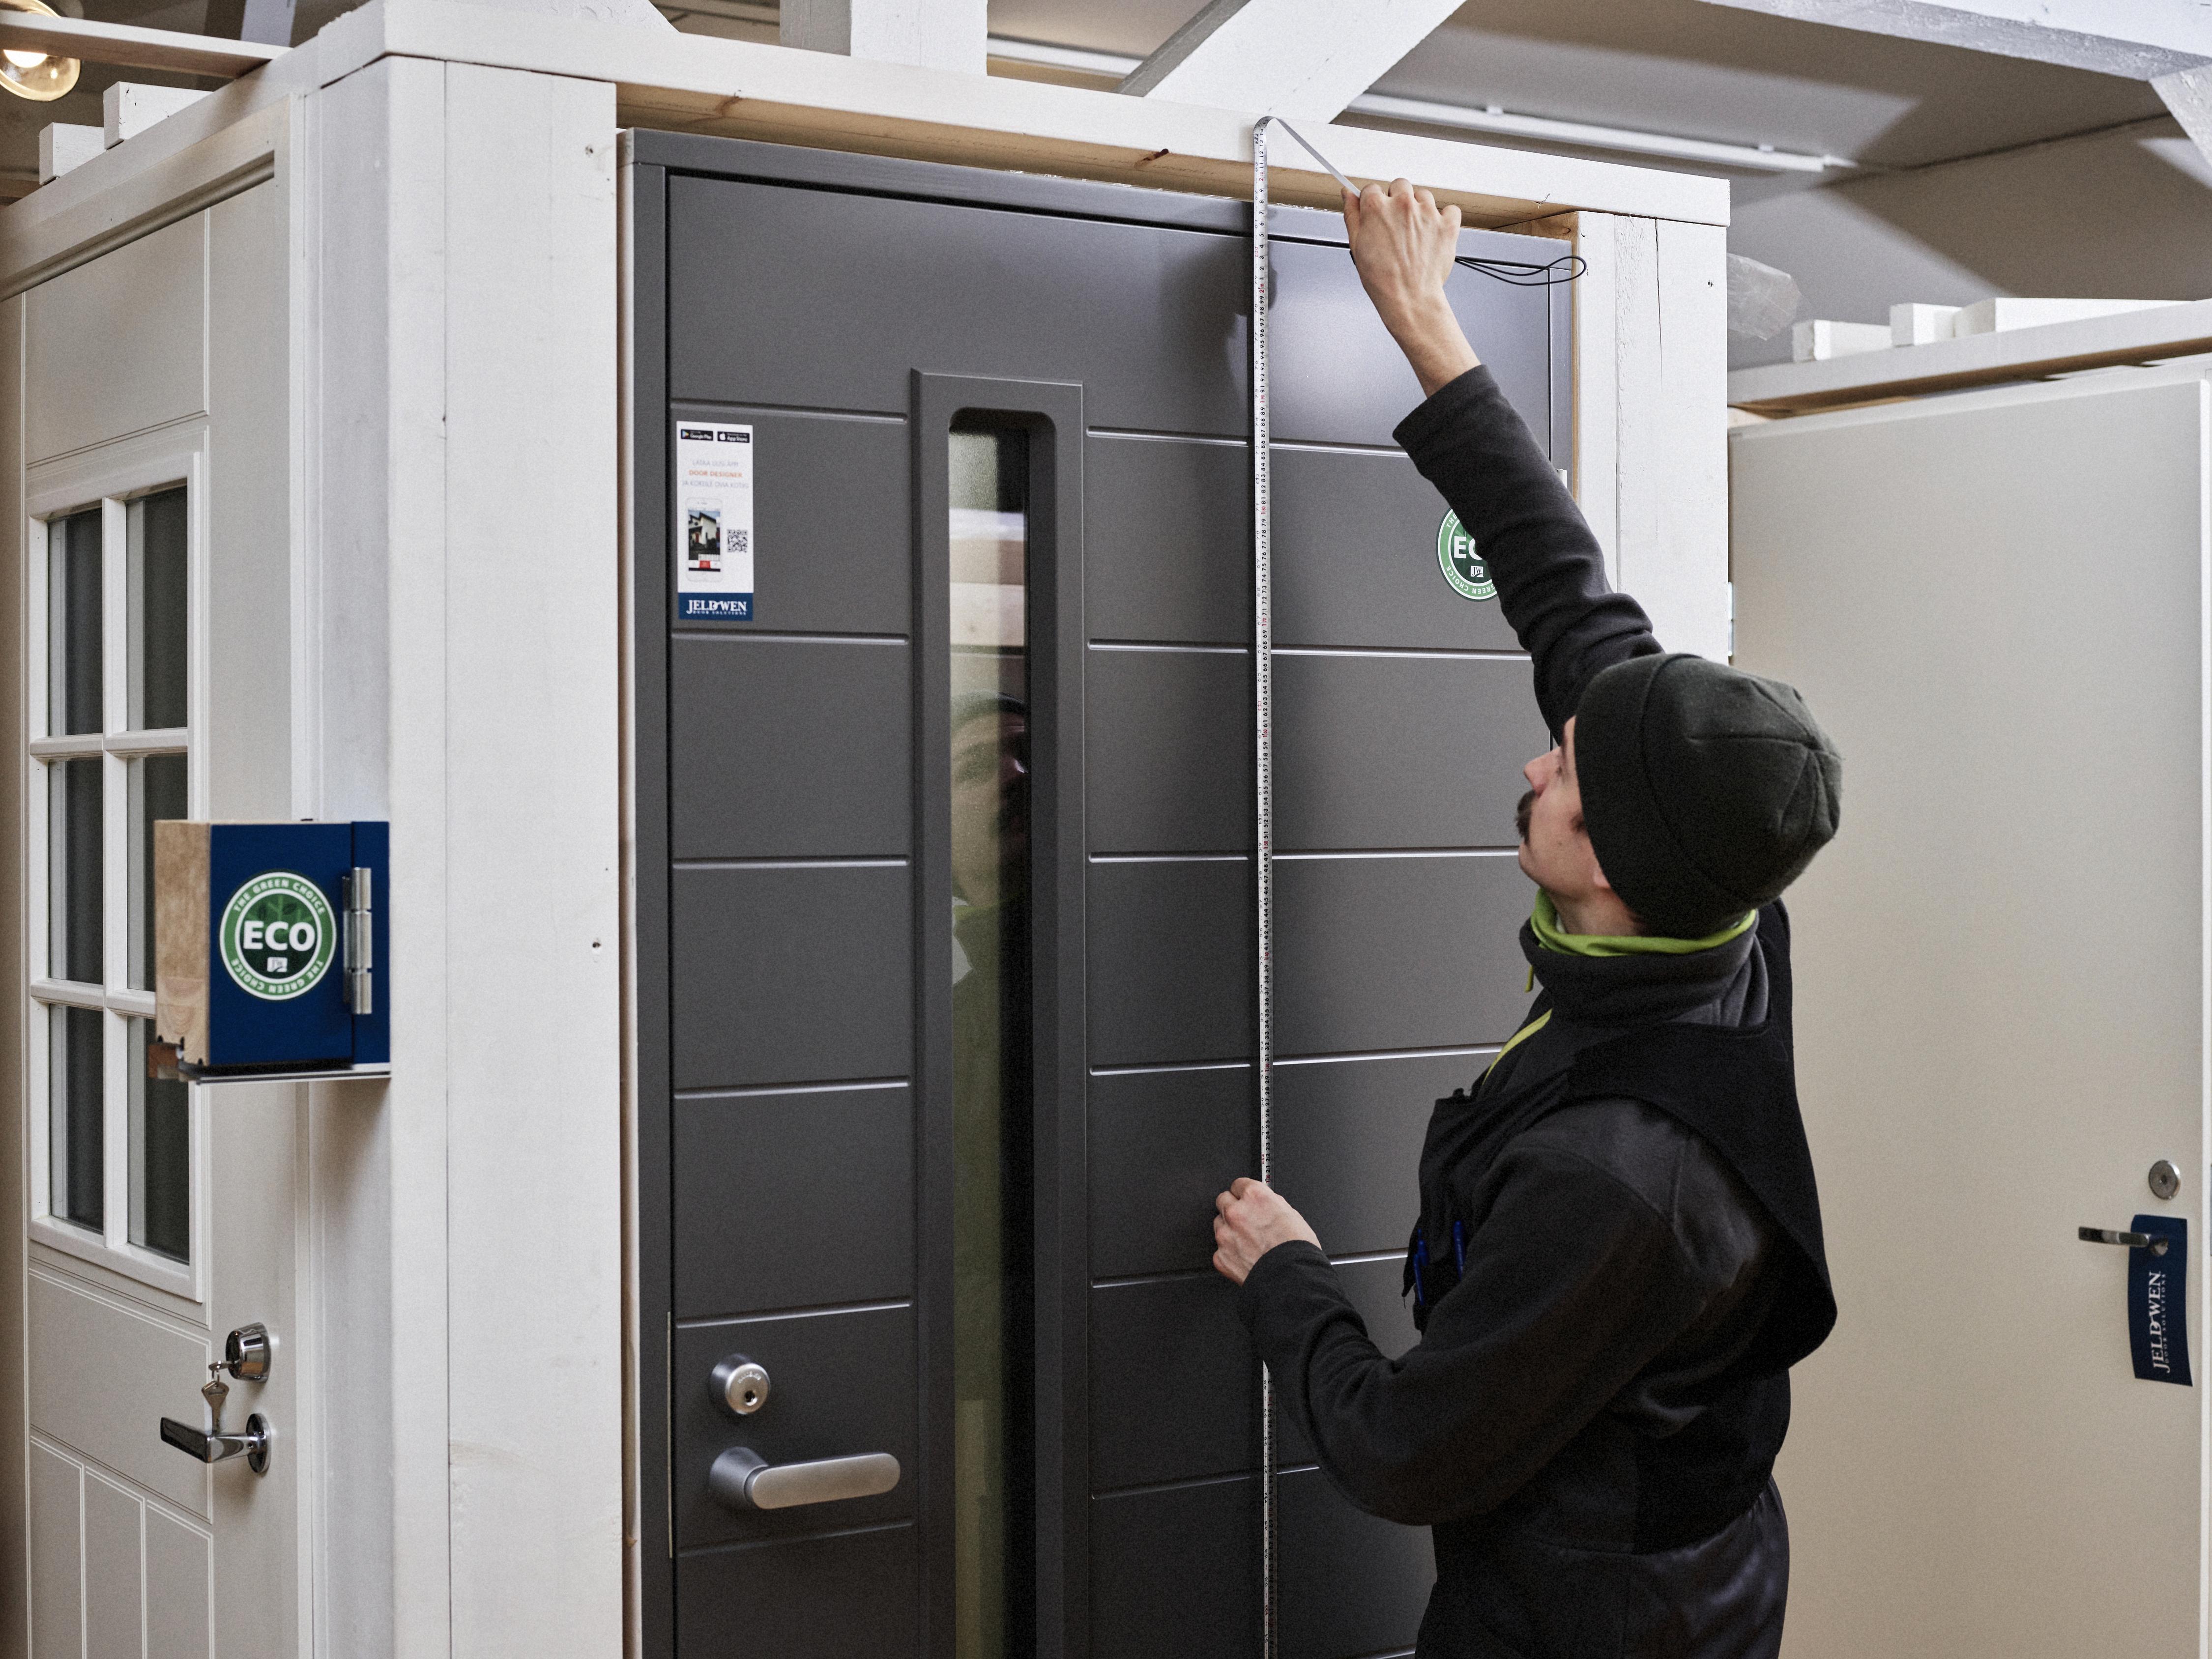 Mies mittaa oven korkeutta.